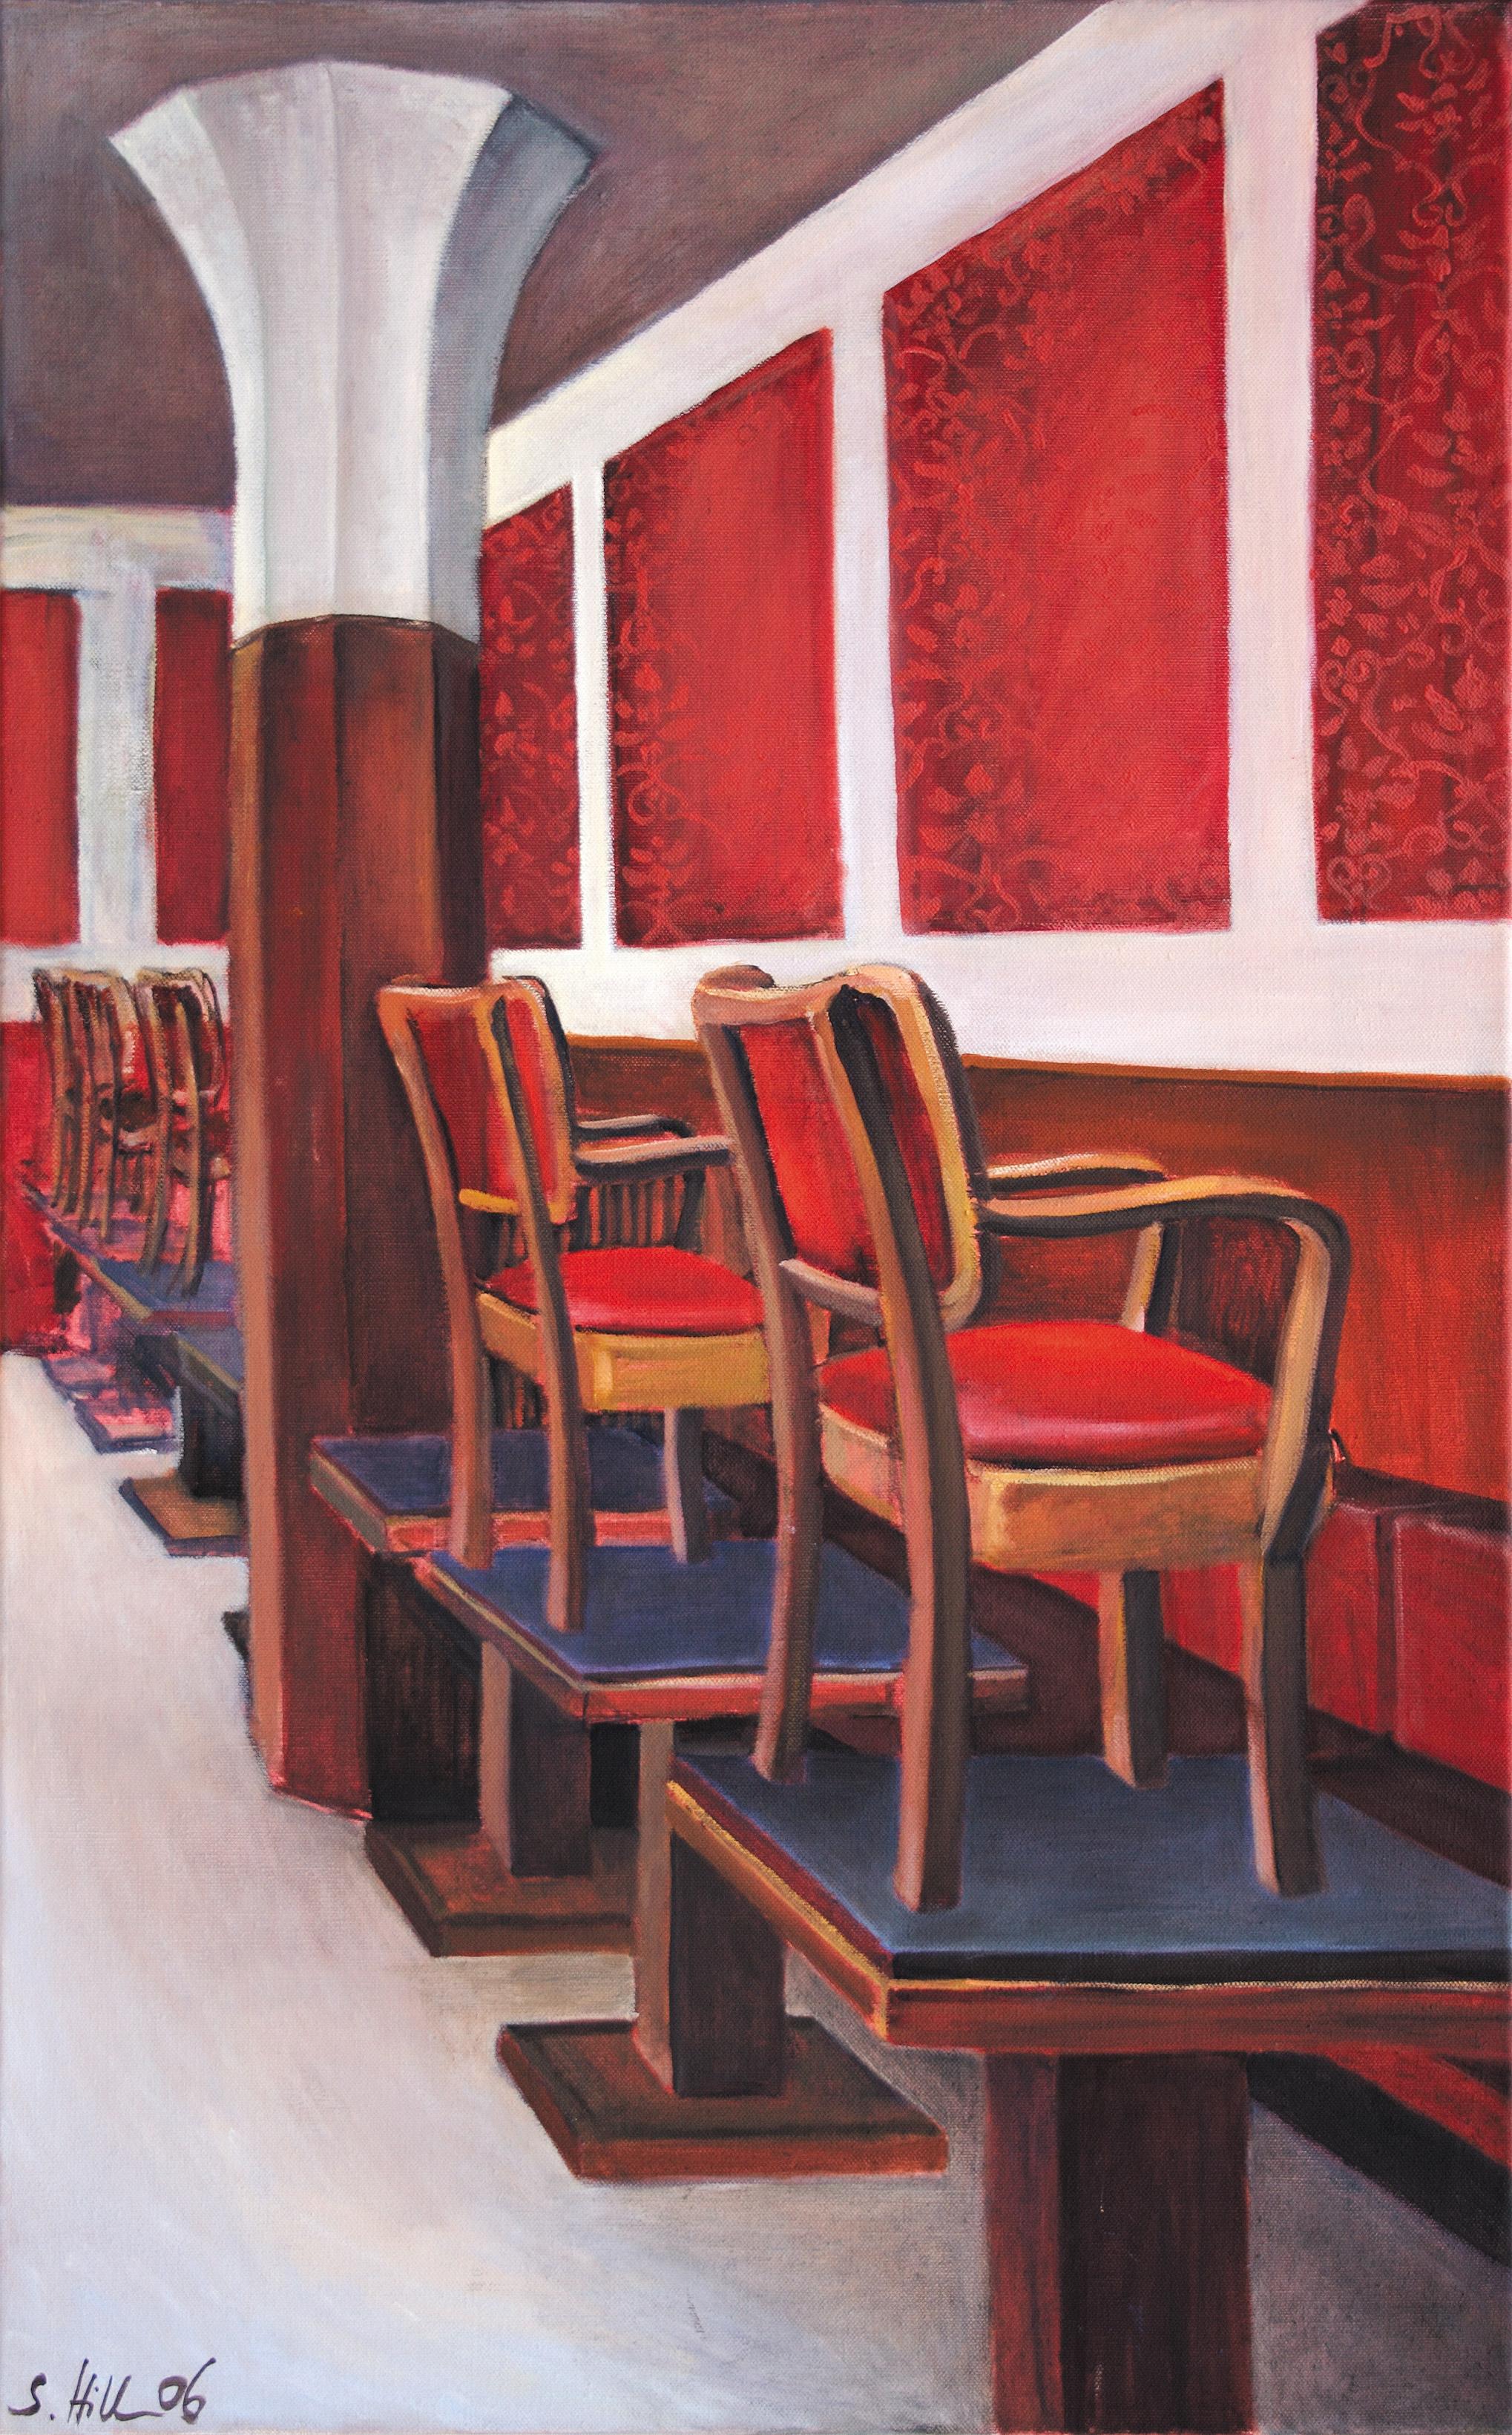 Morgen (Morning) | Acryl und Öl auf Leinwand  (Acrylic and Oil on Canvas)